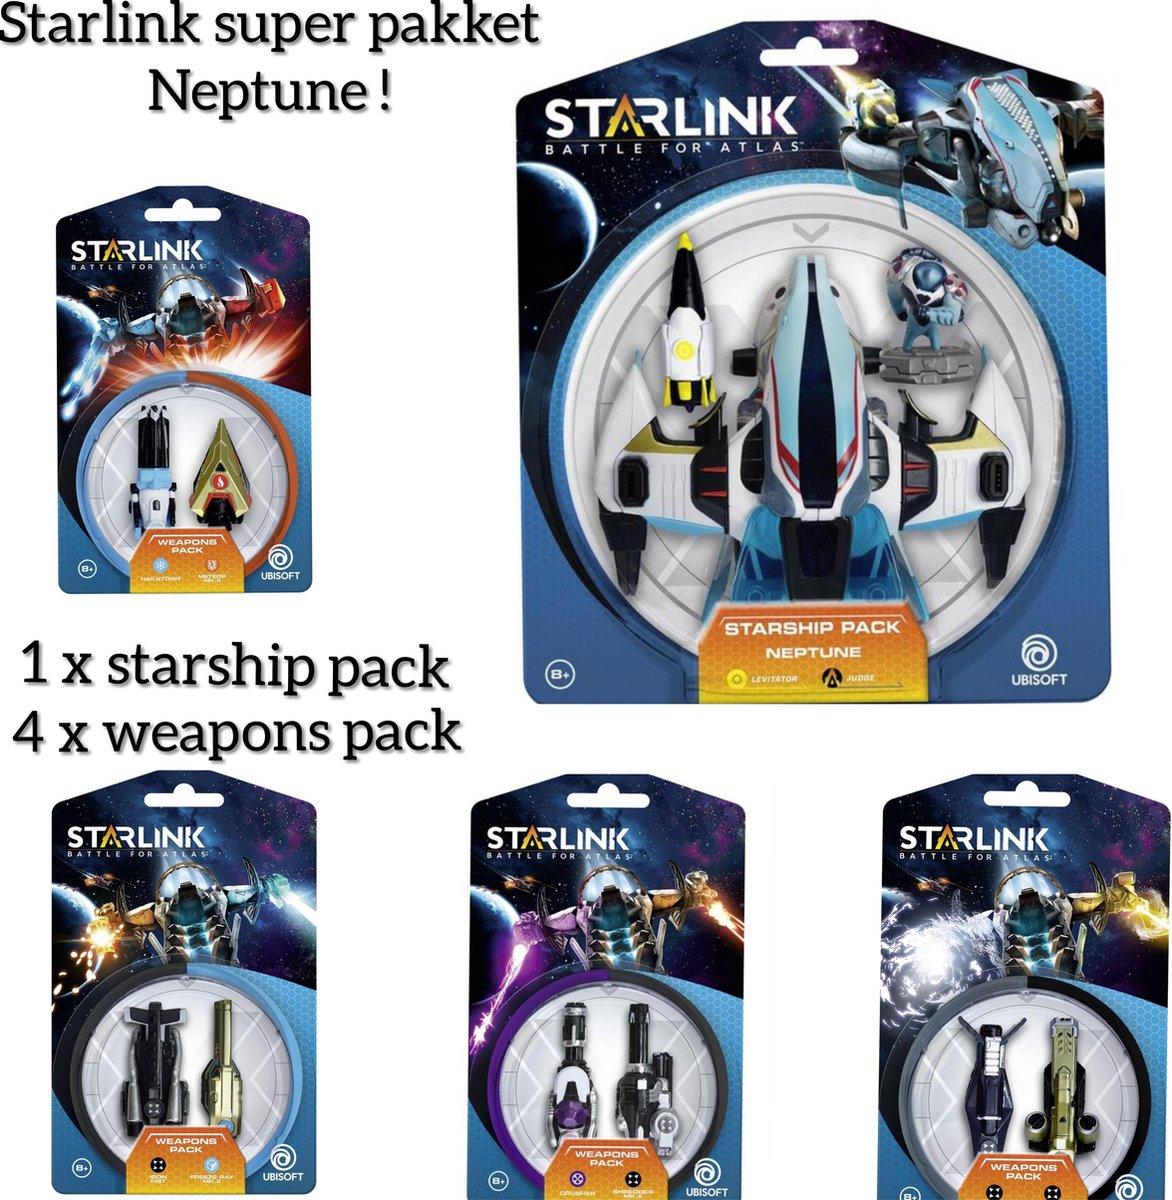 COMPLEET VOORDEEL PAKKET > Starlink - Starship Pack: Neptune INCLUSIEF 4 DUO WAEPONS PAKKETTEN (GRATIS VERZENDING) kopen